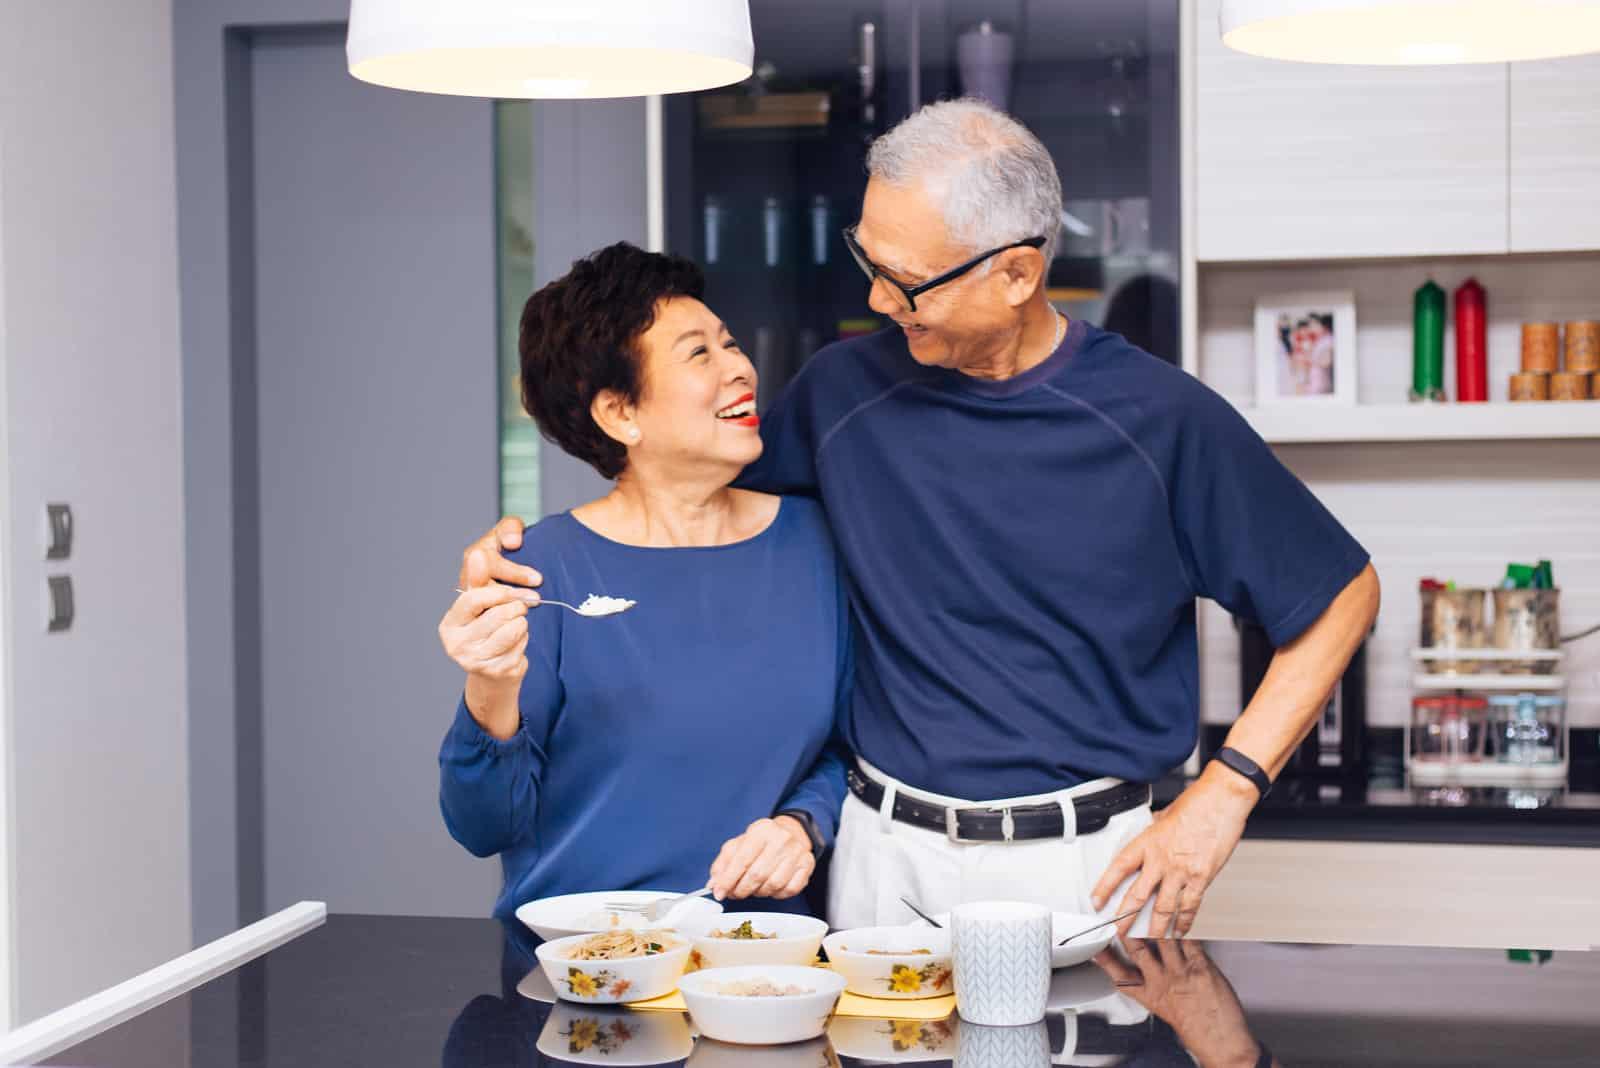 un homme souriant a embrassé la femme dans la cuisine